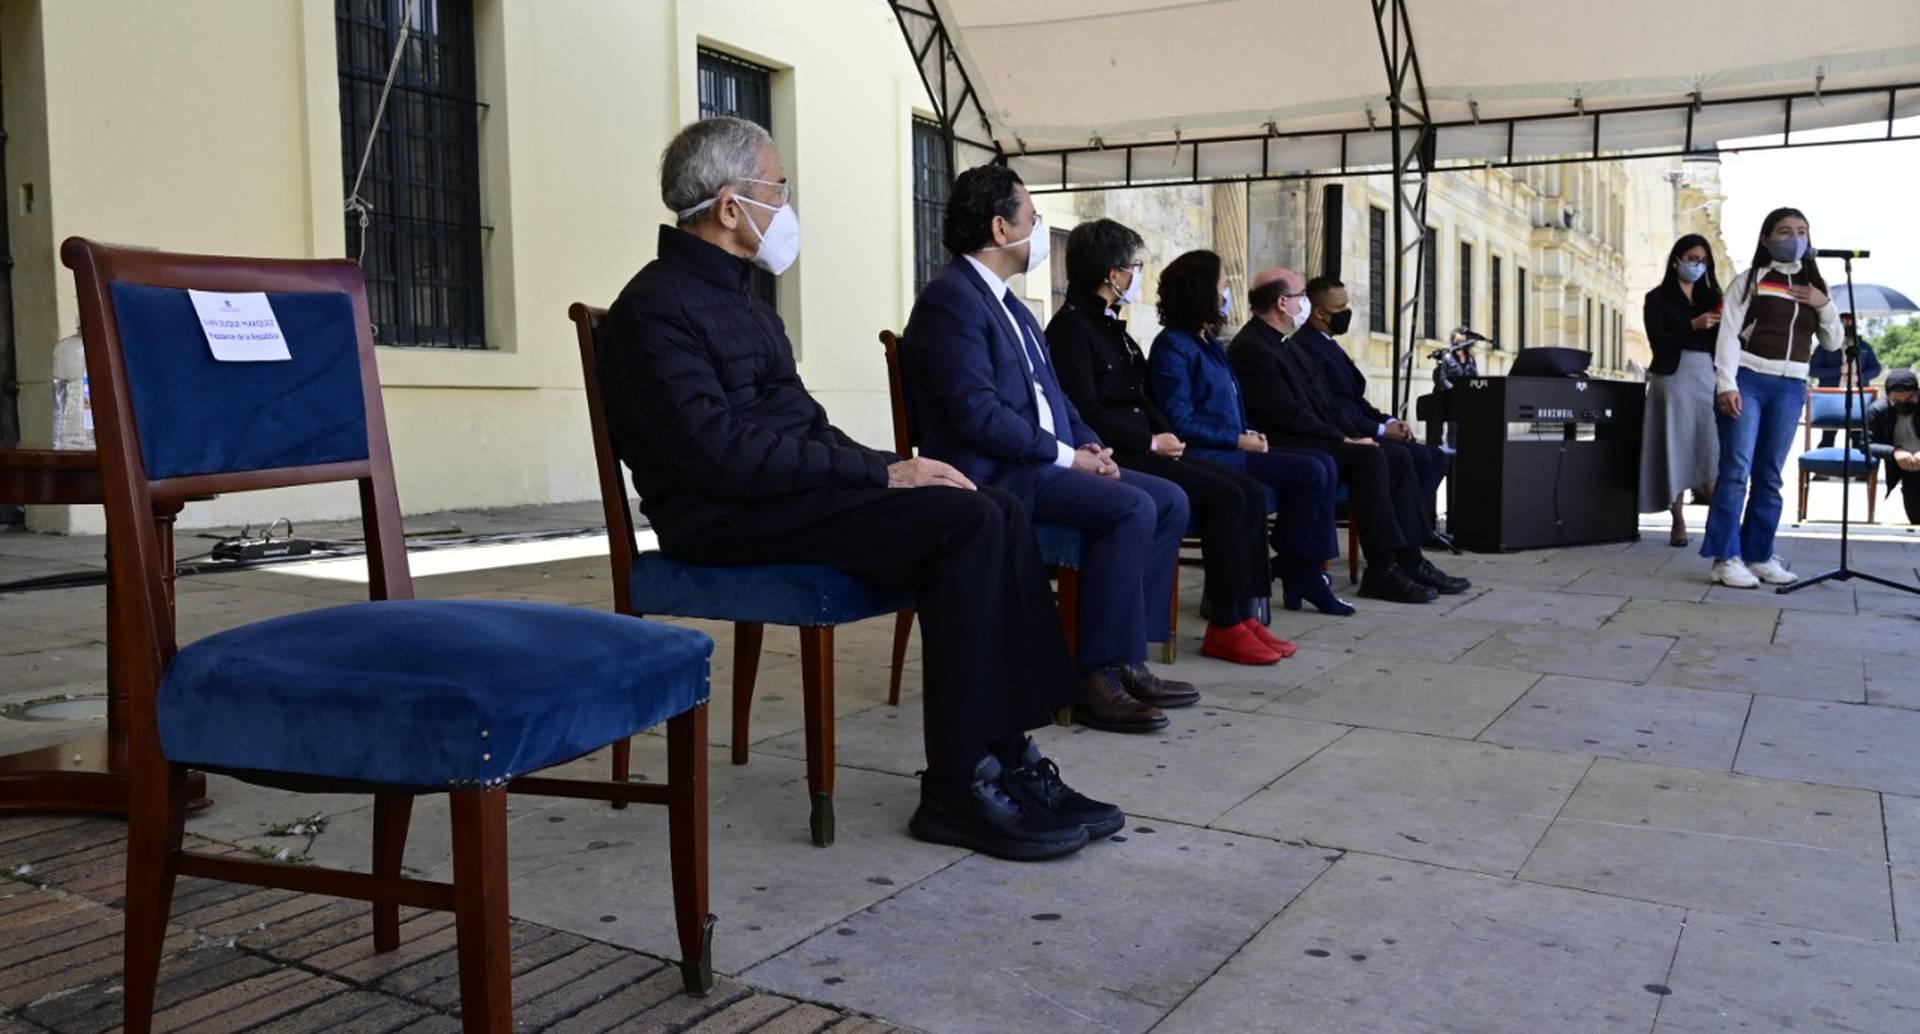 Silla Vacía del presidente Duque en acto de reconciliación